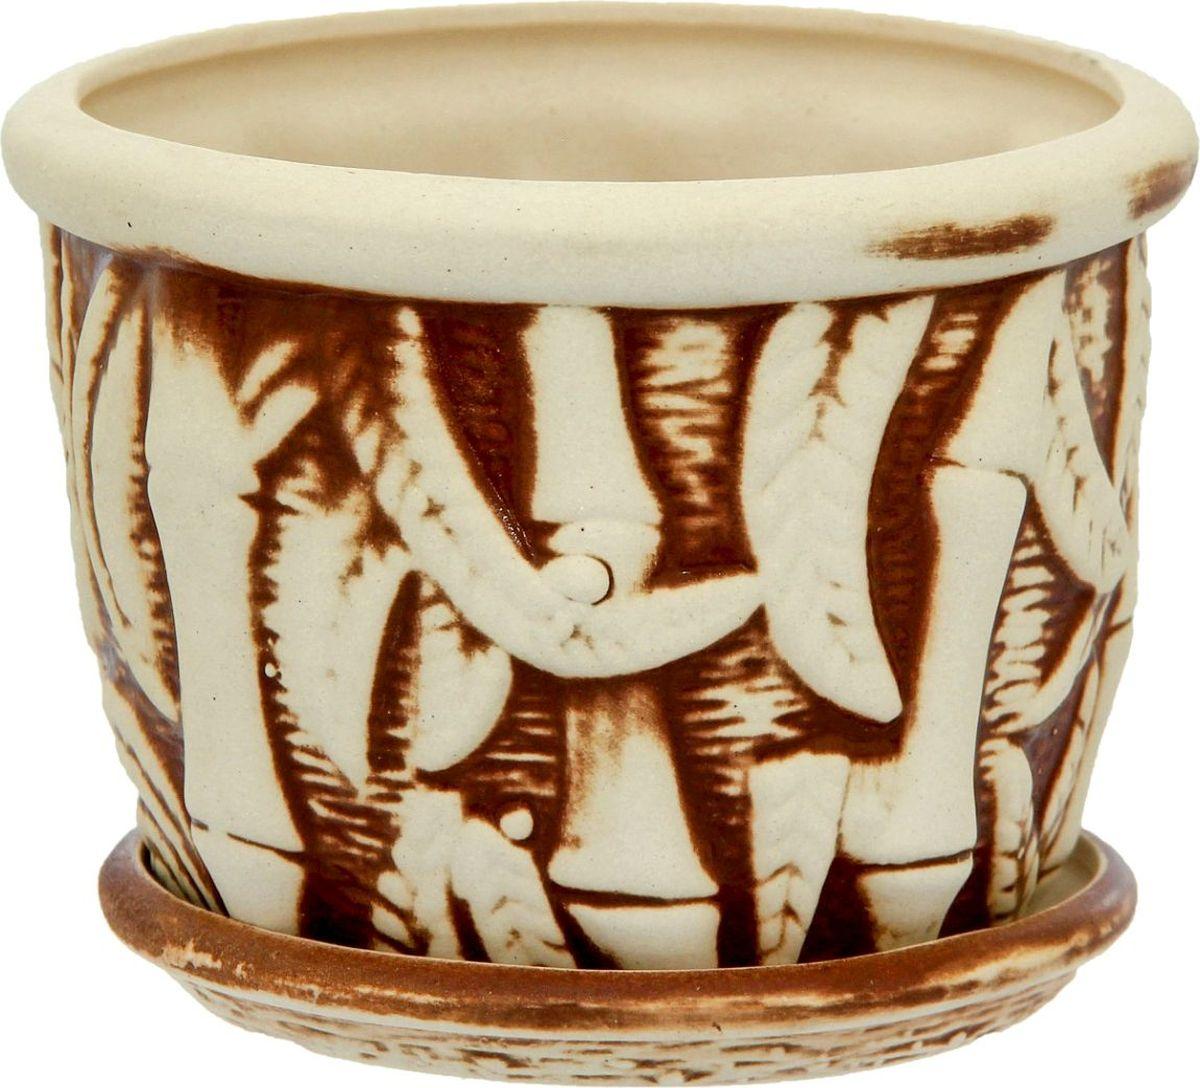 Кашпо Керамика ручной работы Бамбук, 1 л1114243Комнатные растения — всеобщие любимцы. Они радуют глаз, насыщают помещение кислородом и украшают пространство. Каждому из них необходим свой удобный и красивый дом. Кашпо из керамики прекрасно подходят для высадки растений: за счёт пластичности глины и разных способов обработки существует великое множество форм и дизайновпористый материал позволяет испаряться лишней влагевоздух, необходимый для дыхания корней, проникает сквозь керамические стенки! #name# позаботится о зелёном питомце, освежит интерьер и подчеркнёт его стиль.